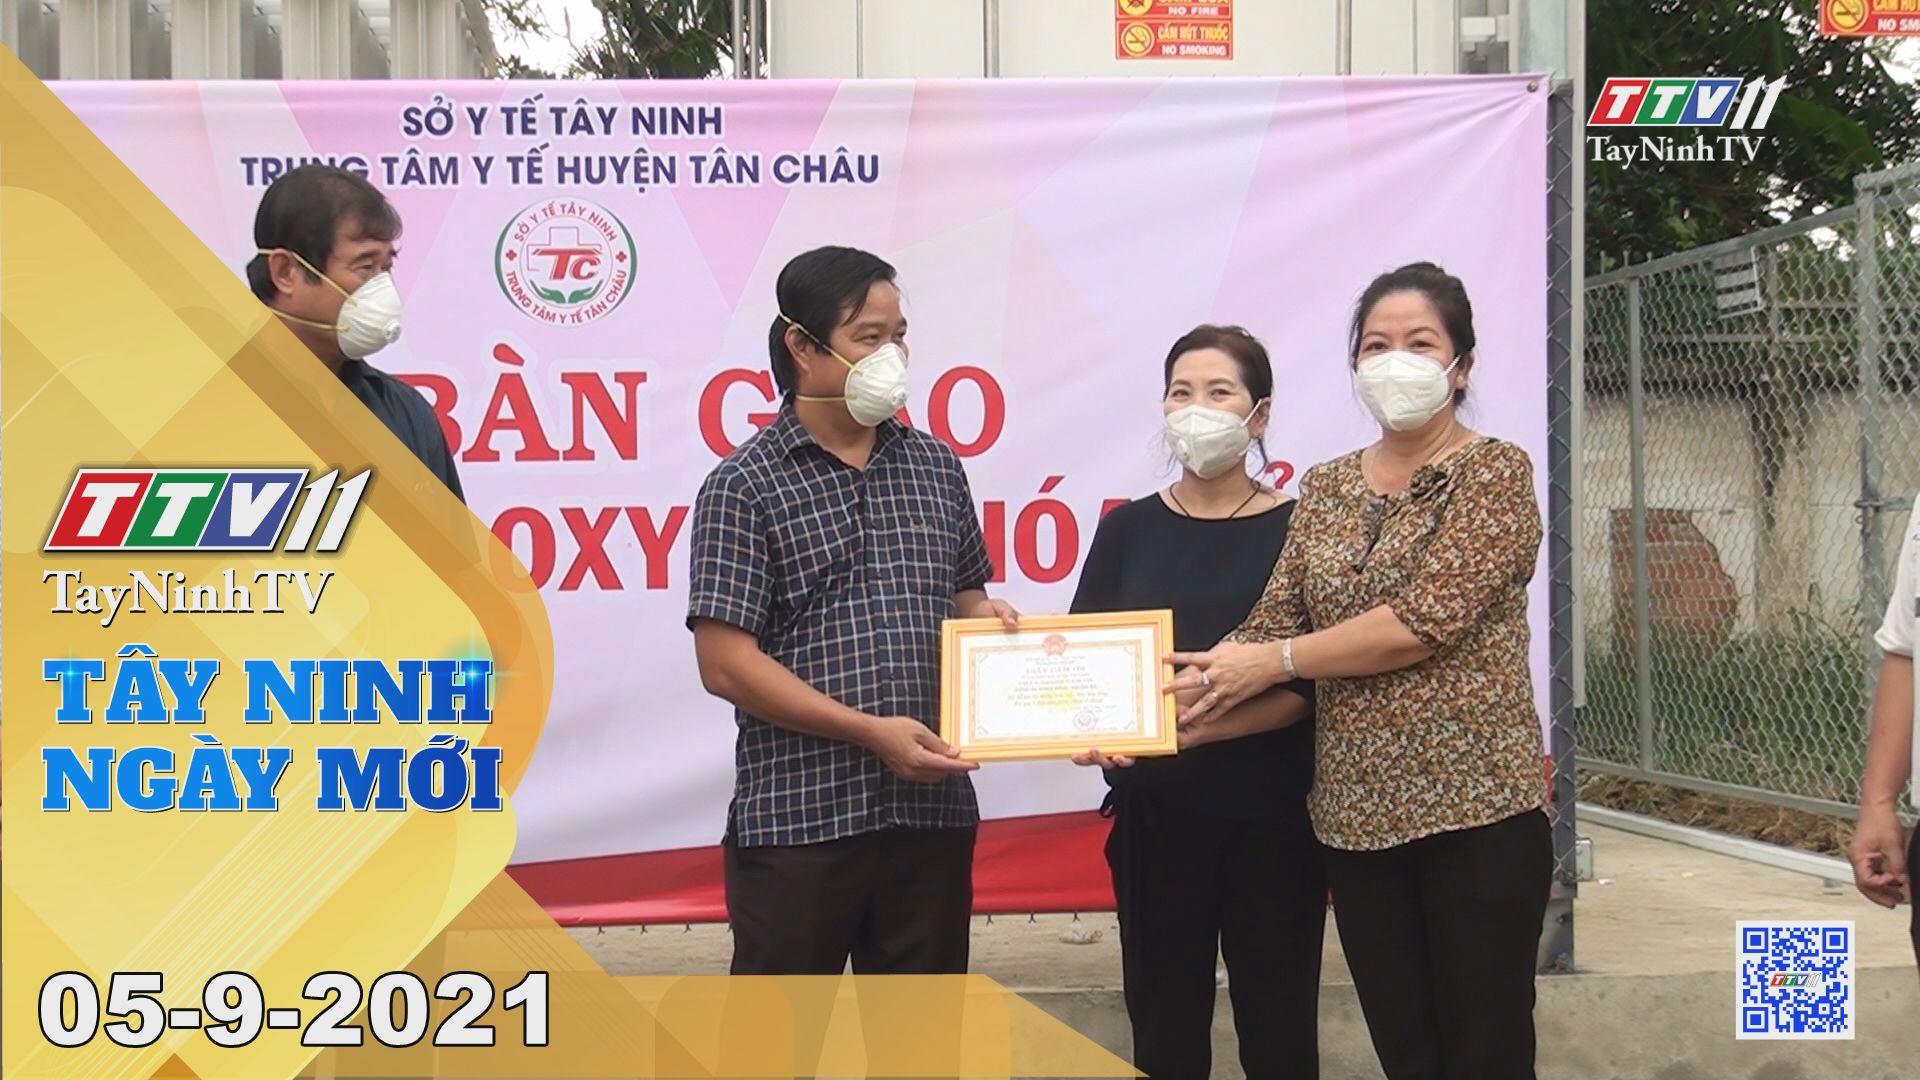 Tây Ninh Ngày Mới 05-9-2021 | Tin tức hôm nay | TayNinhTV